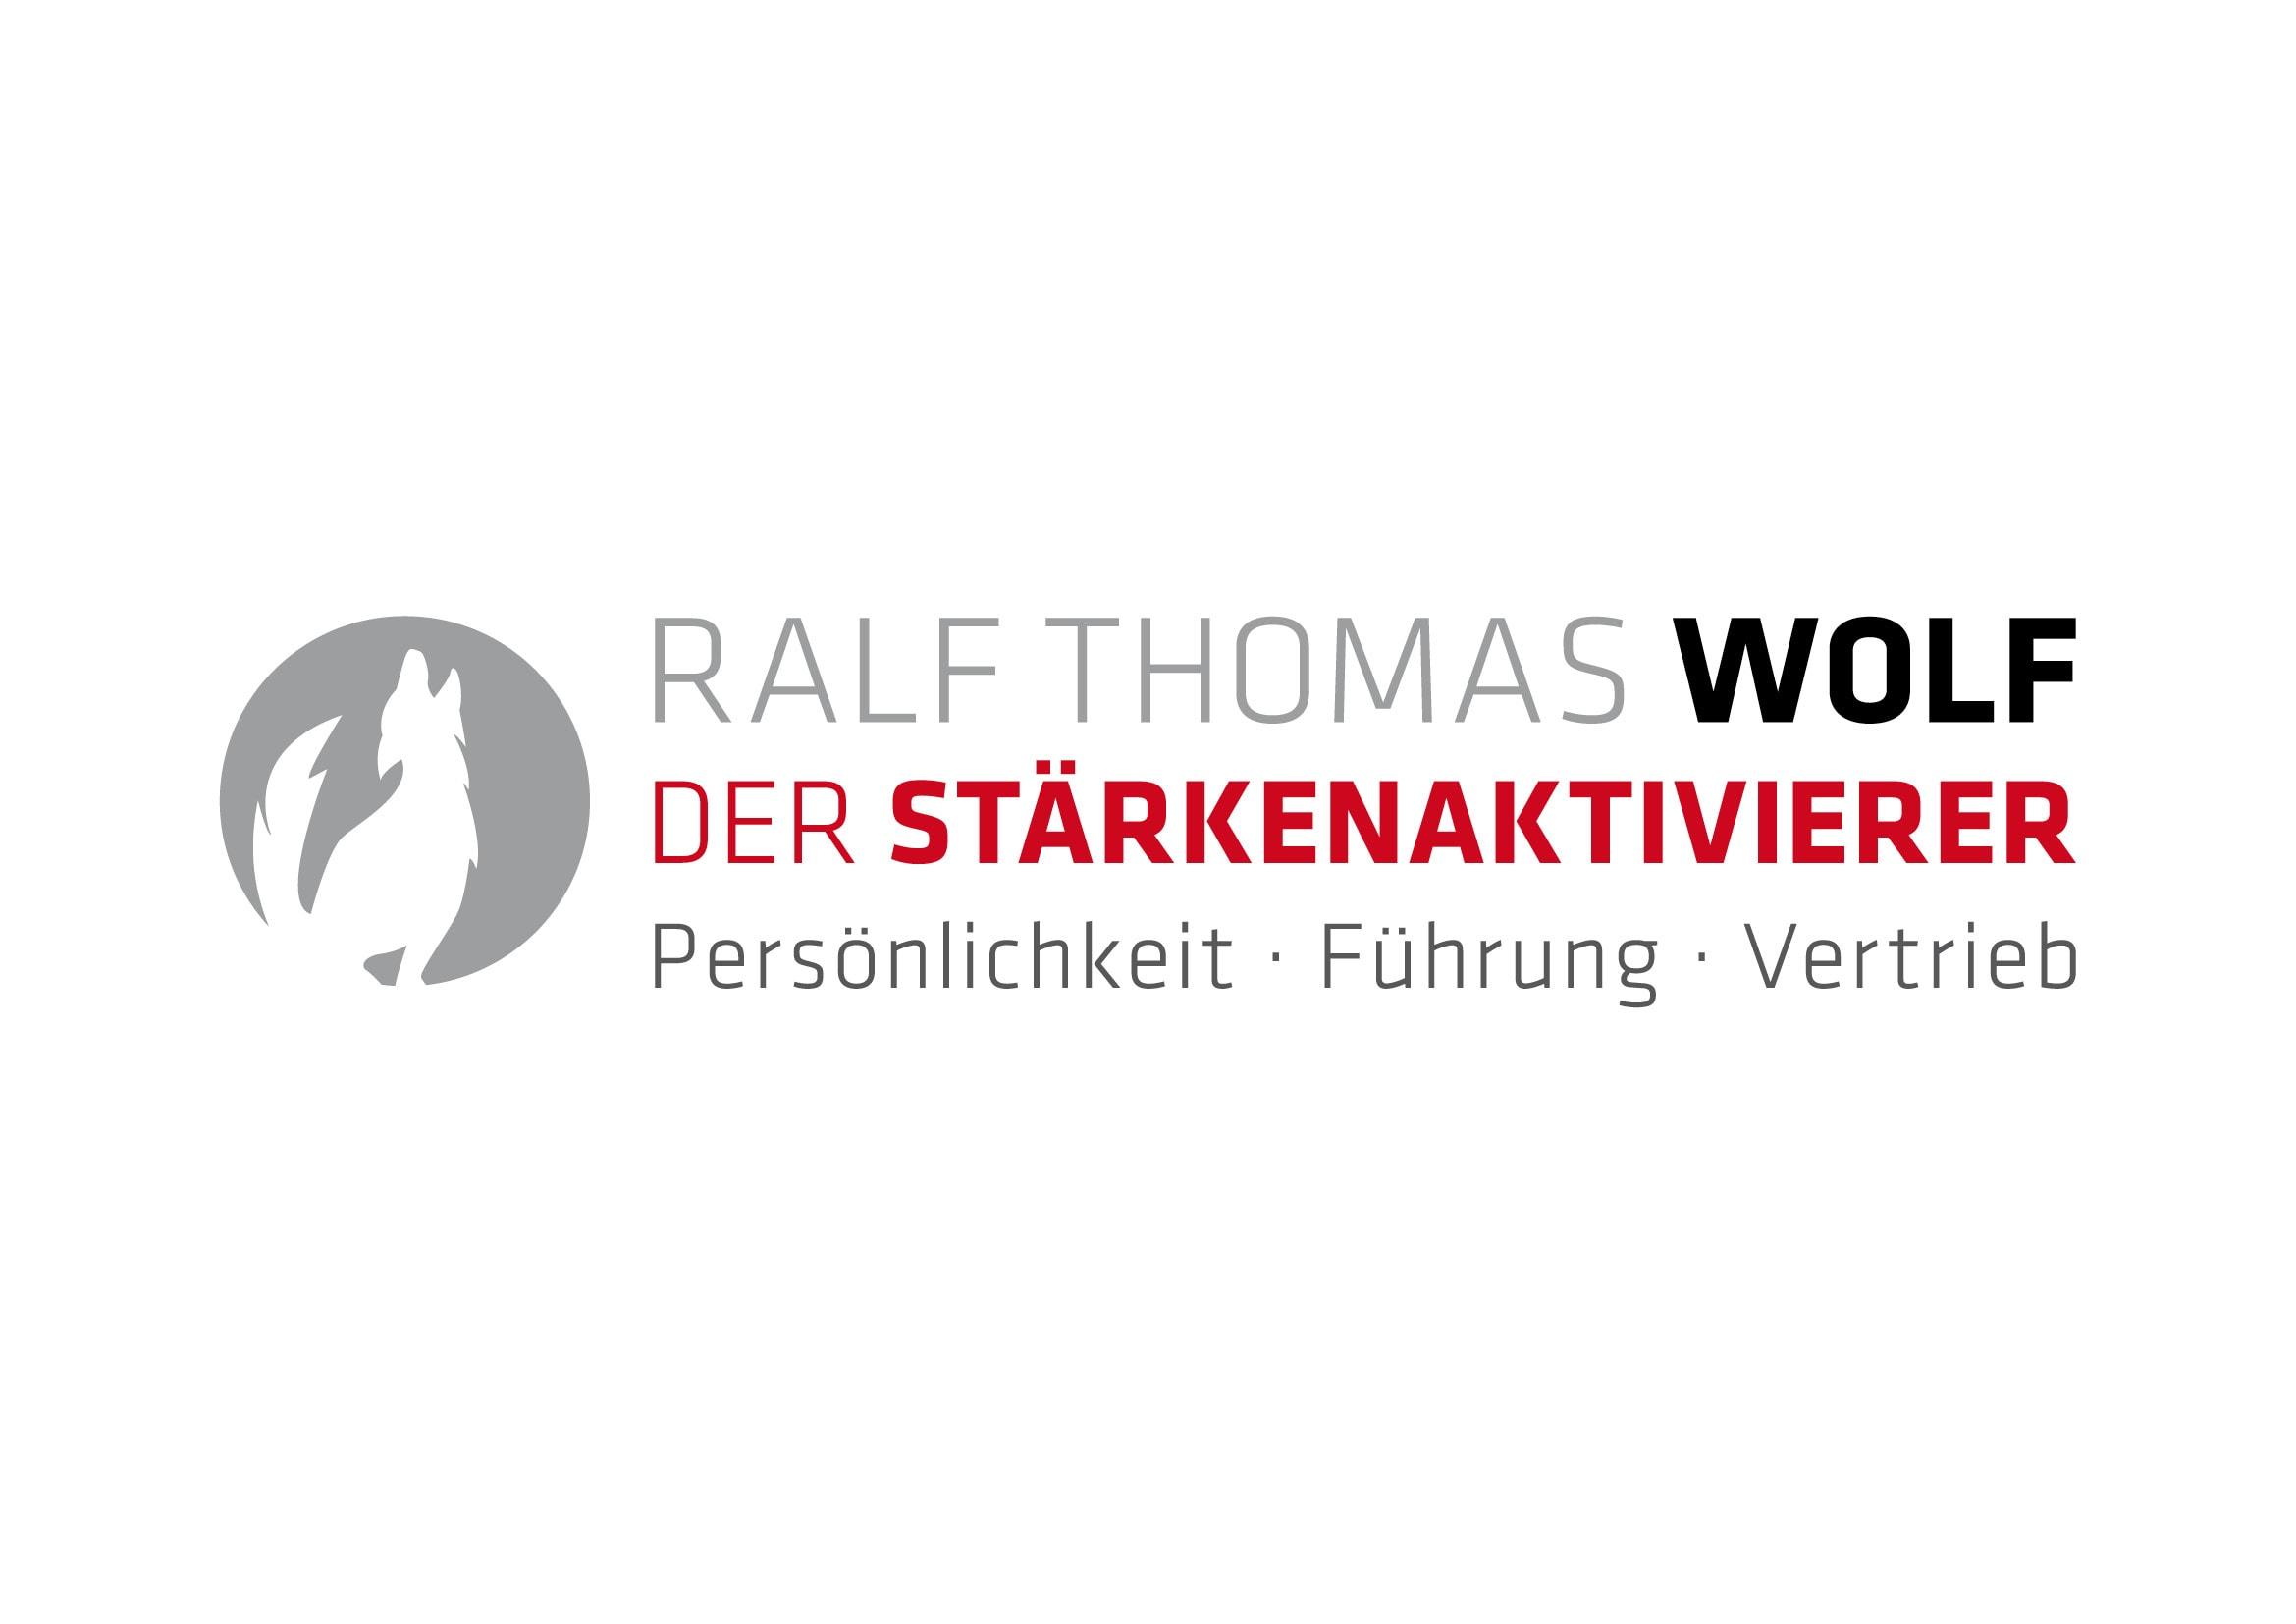 """Logo Entwicklung und Programmierung der Homepage """"Der Stärkenaktivierer"""" für Trainer und Coach Ralf Thomas Wolf durch Grafik-Designer Ronald Wissler"""